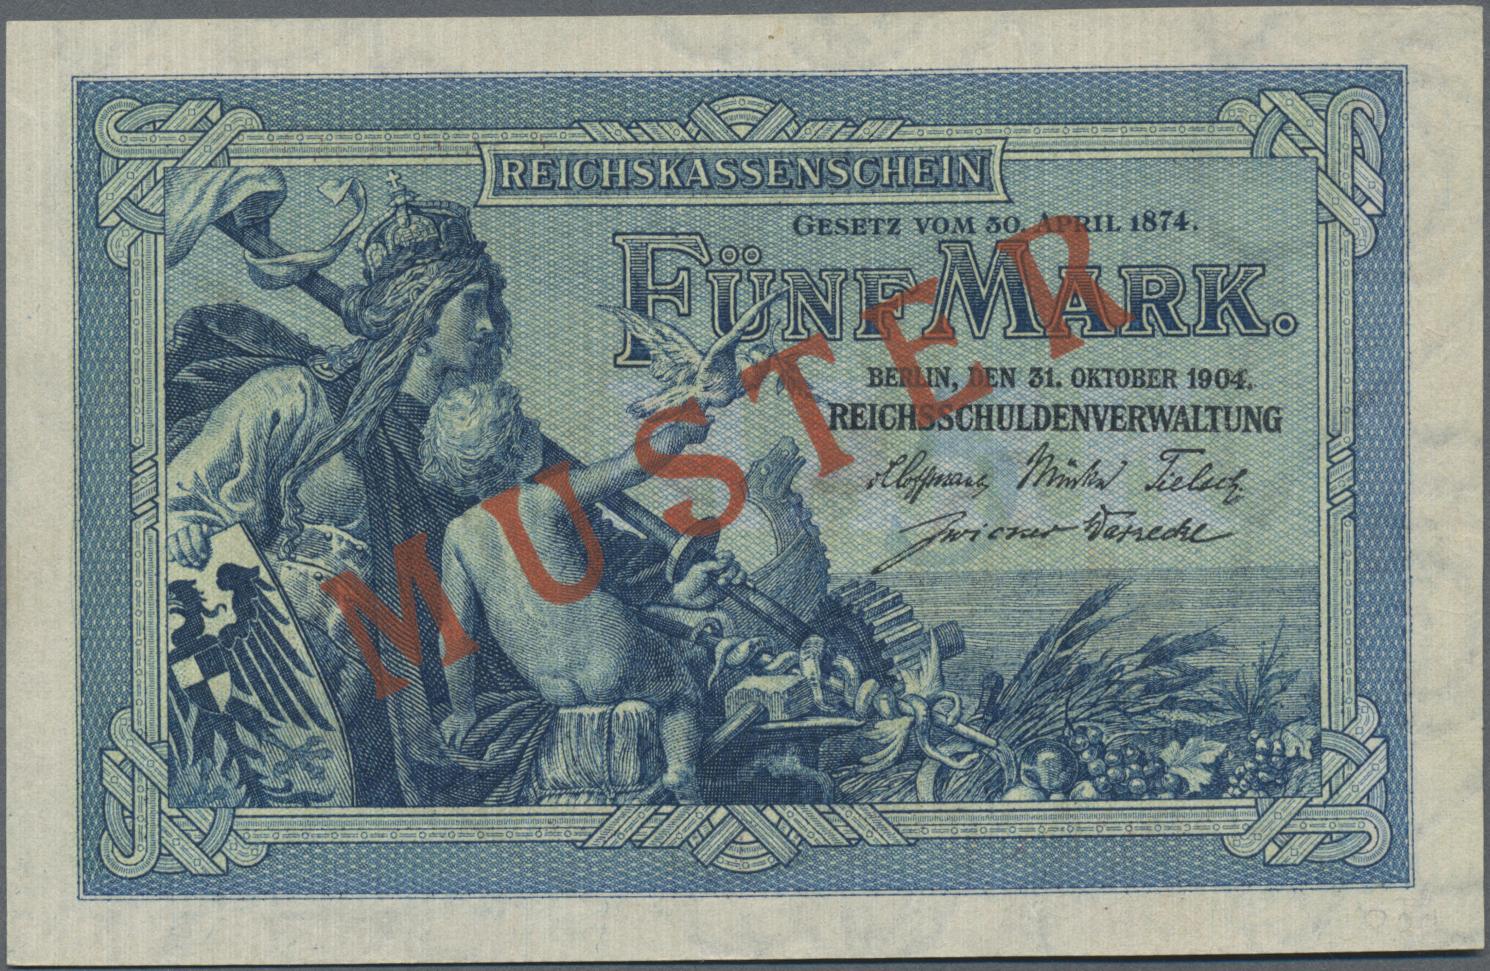 Lot 03320 - Deutschland - Deutsches Reich bis 1945 | Banknoten  -  Auktionshaus Christoph Gärtner GmbH & Co. KG Sale #45 Banknotes Germany/Numismatics